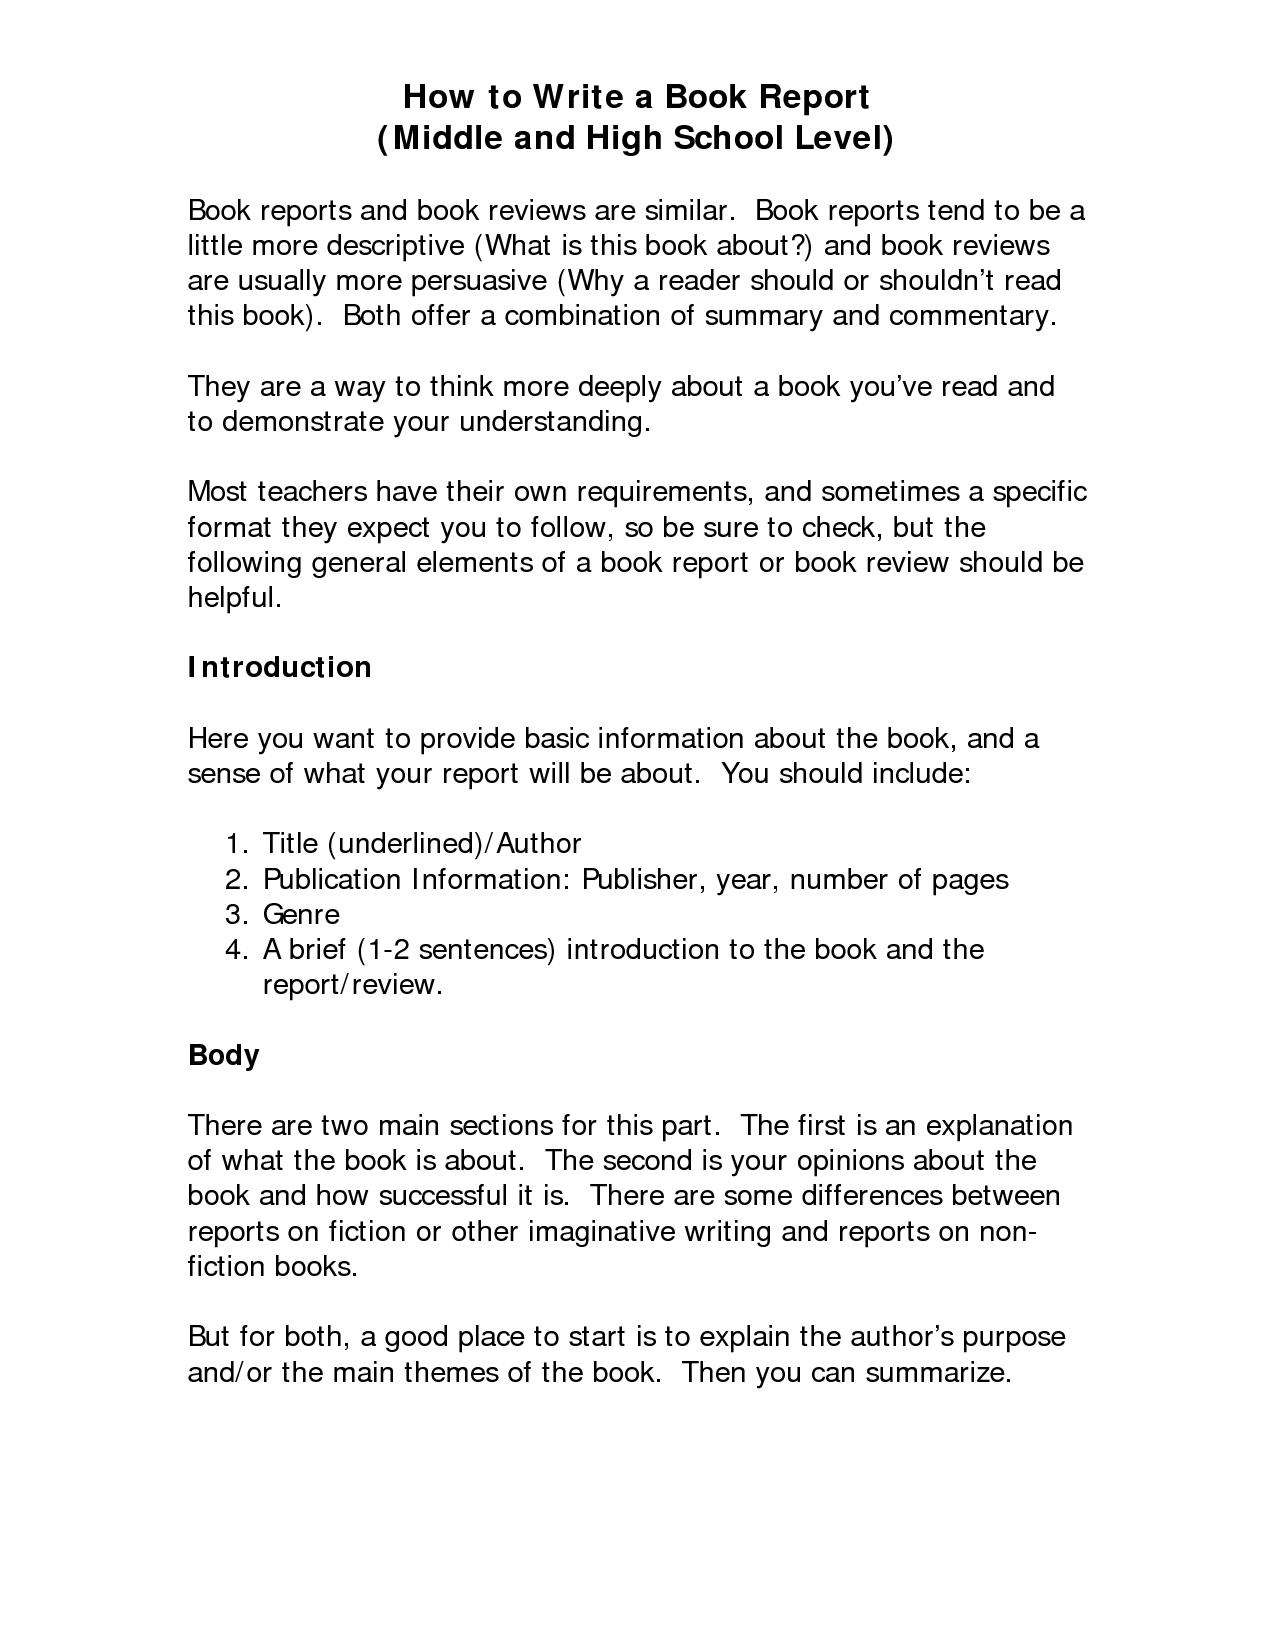 High School Essay Help – High school essay writing help